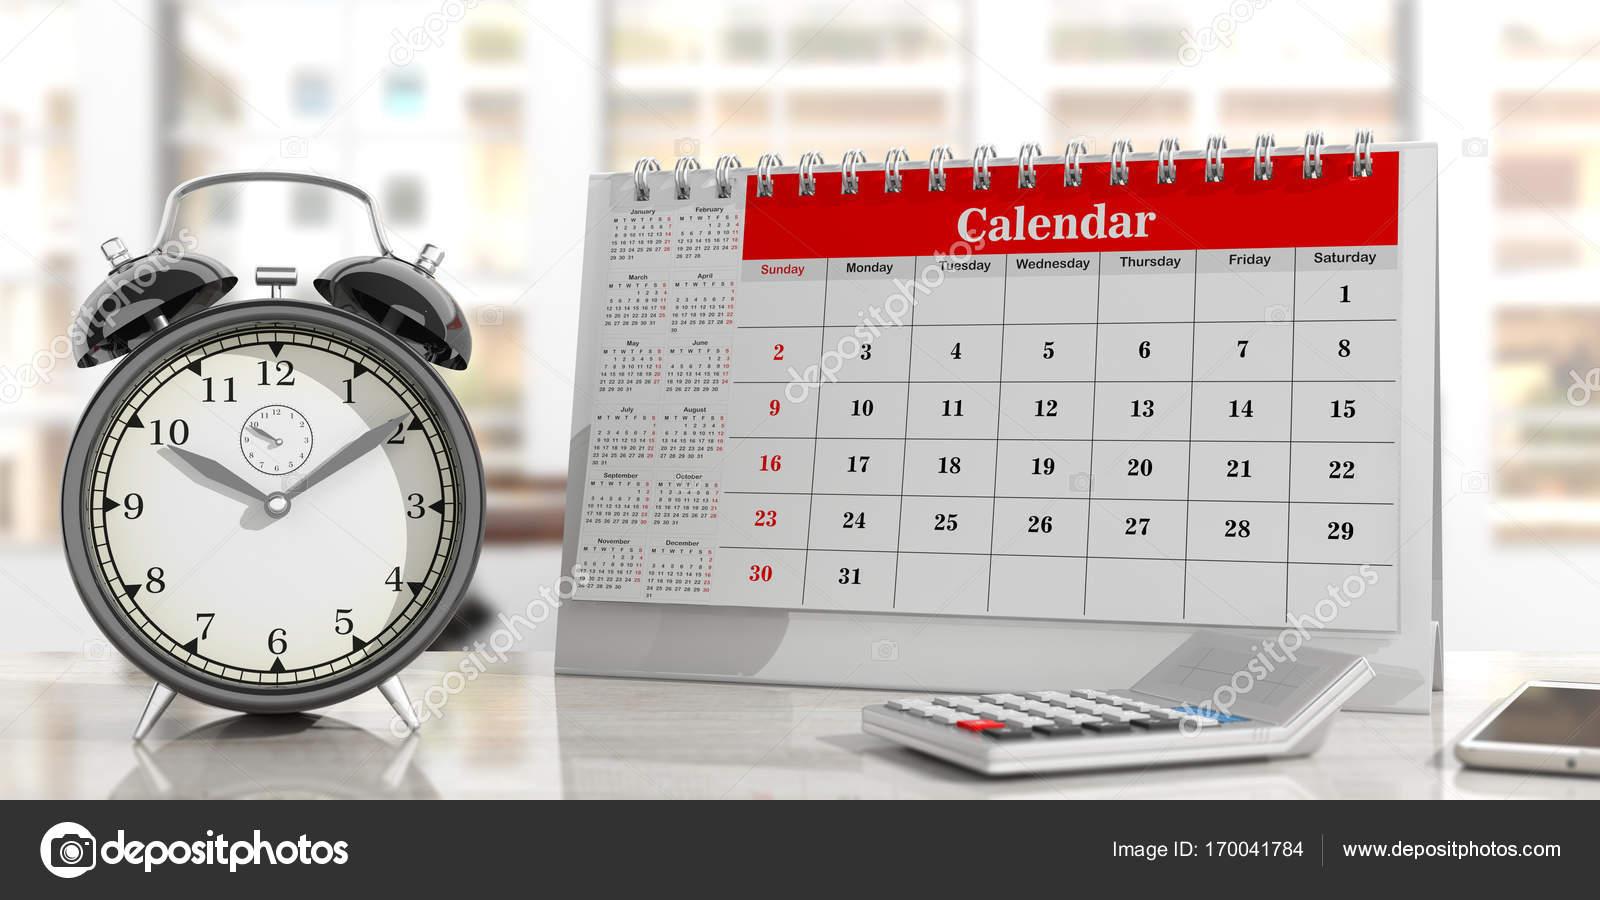 Calendar Clock Wallpaper : Time management concept. calendar and an alarm clock office